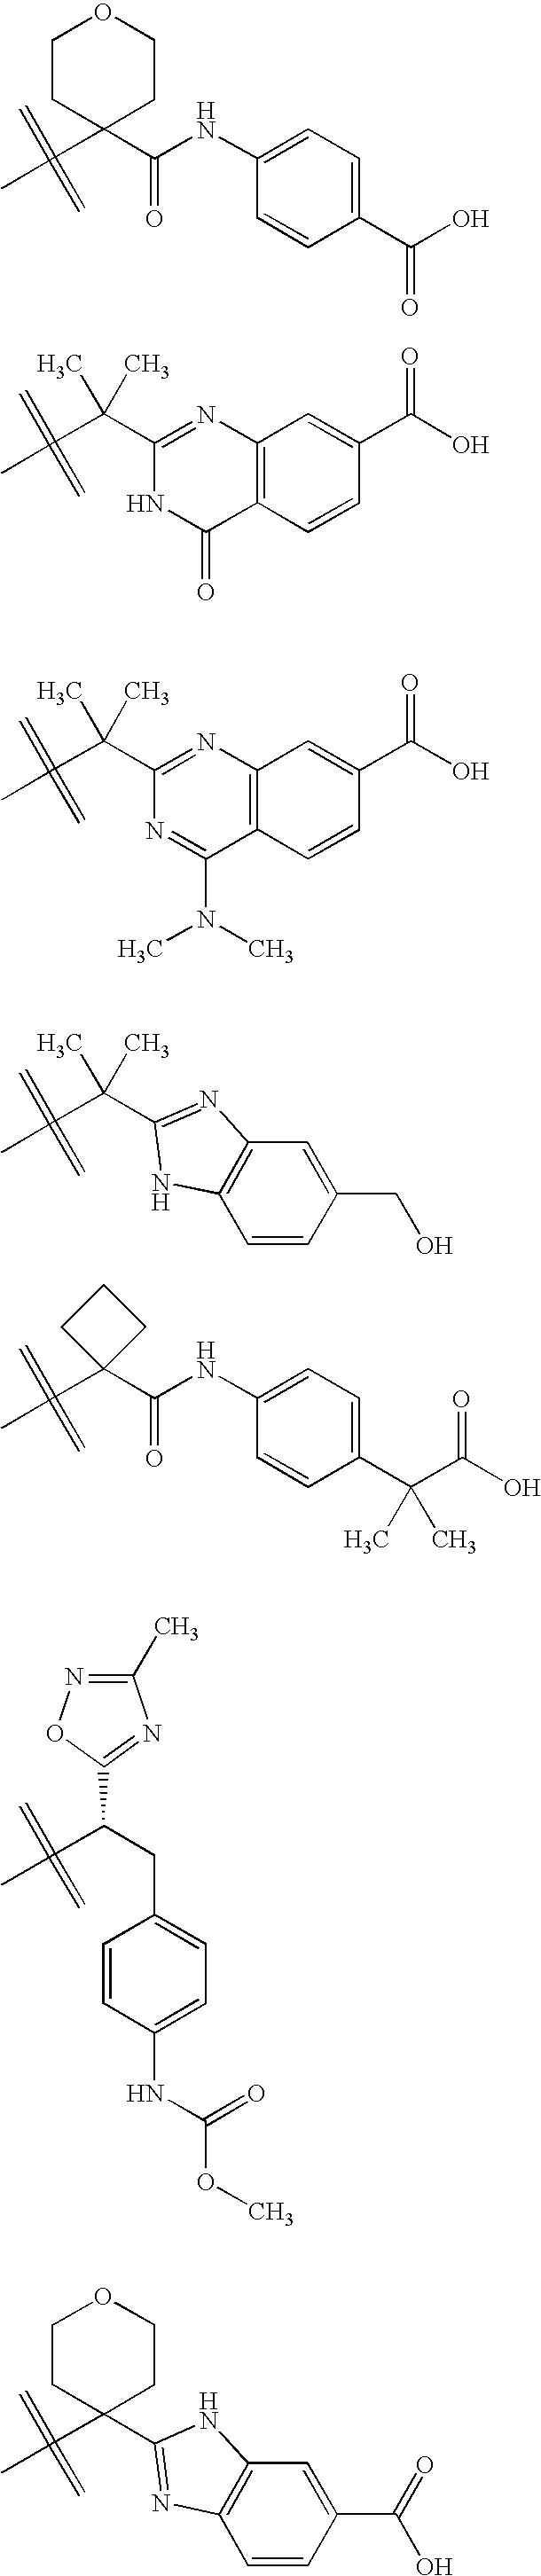 Figure US20070049593A1-20070301-C00191